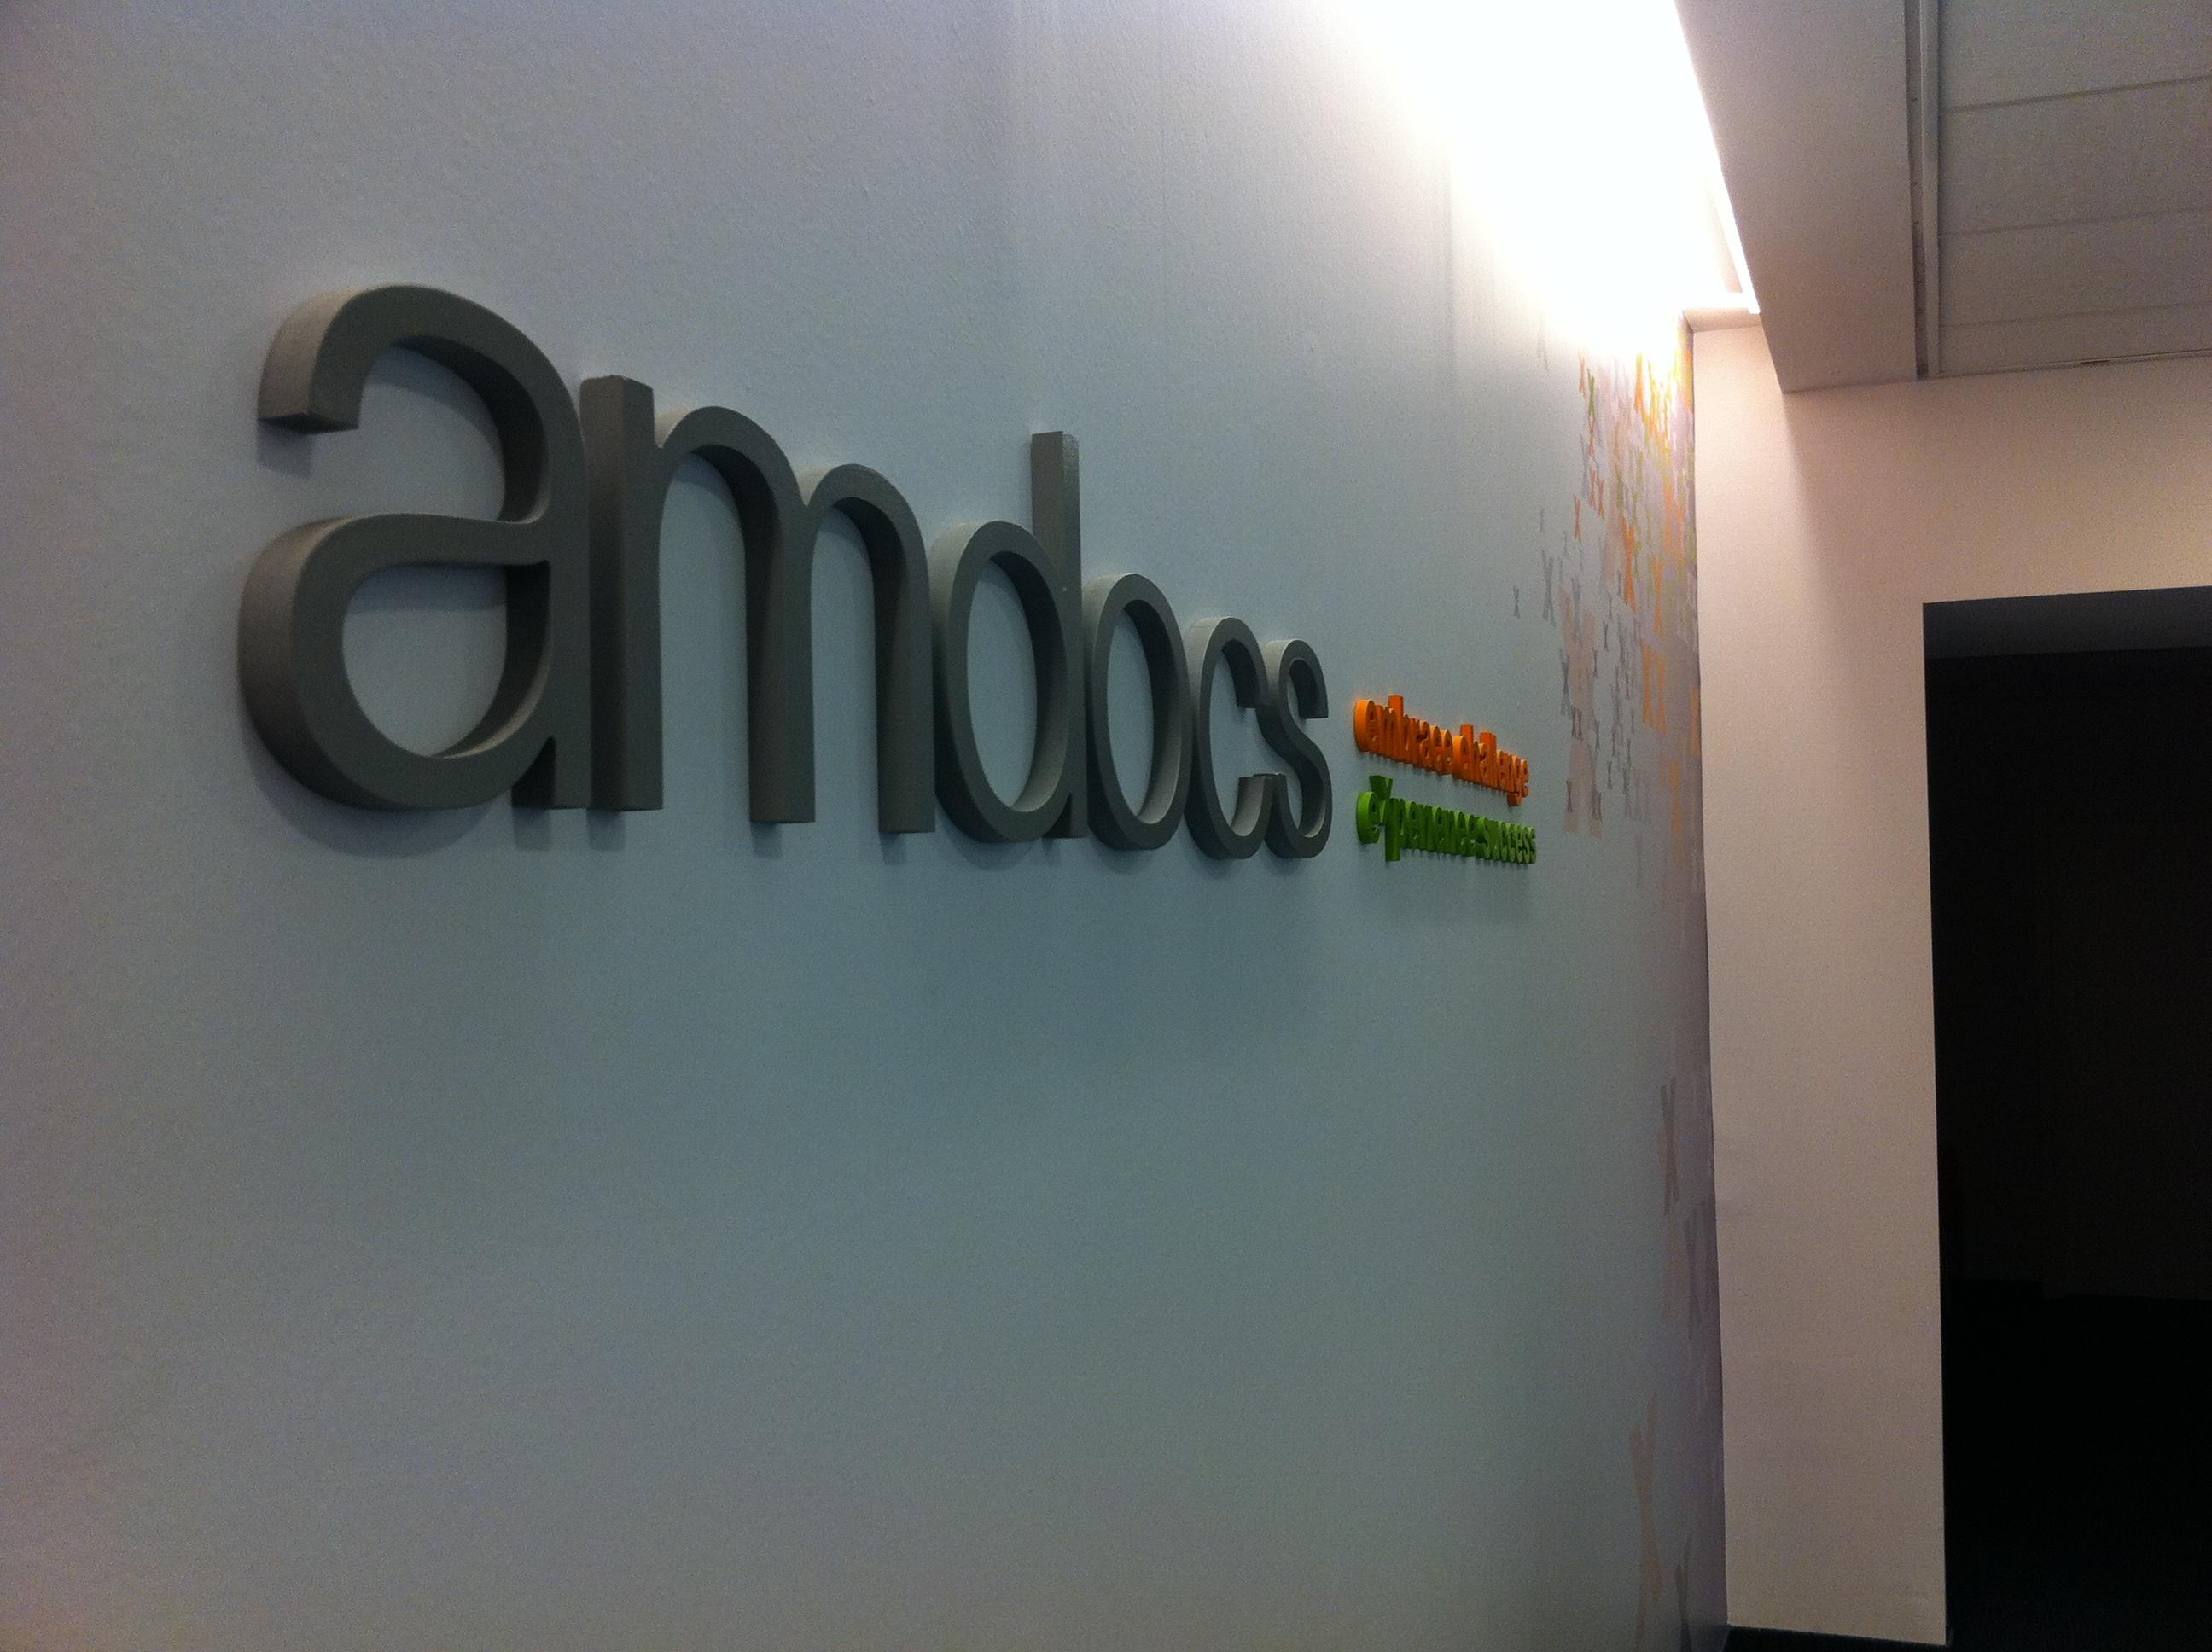 חיתוך אותיות Amdocs